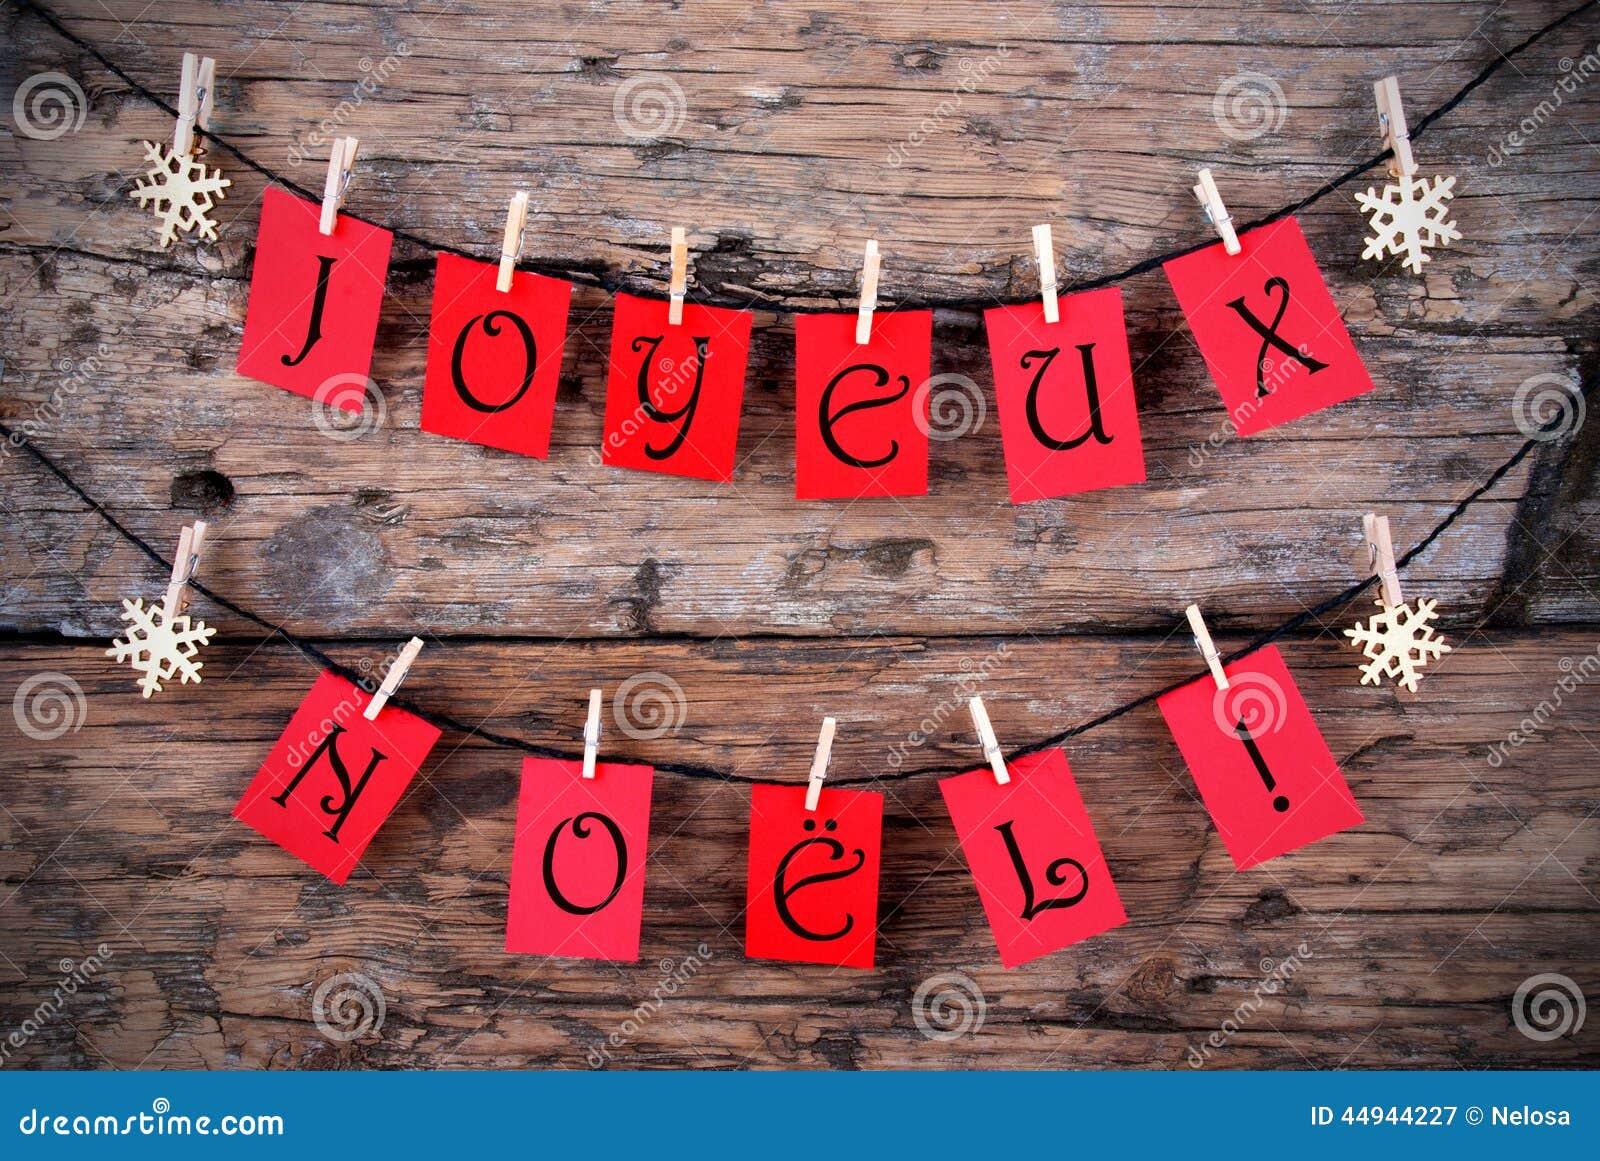 Κόκκινες ετικέττες με Joyeux Noel